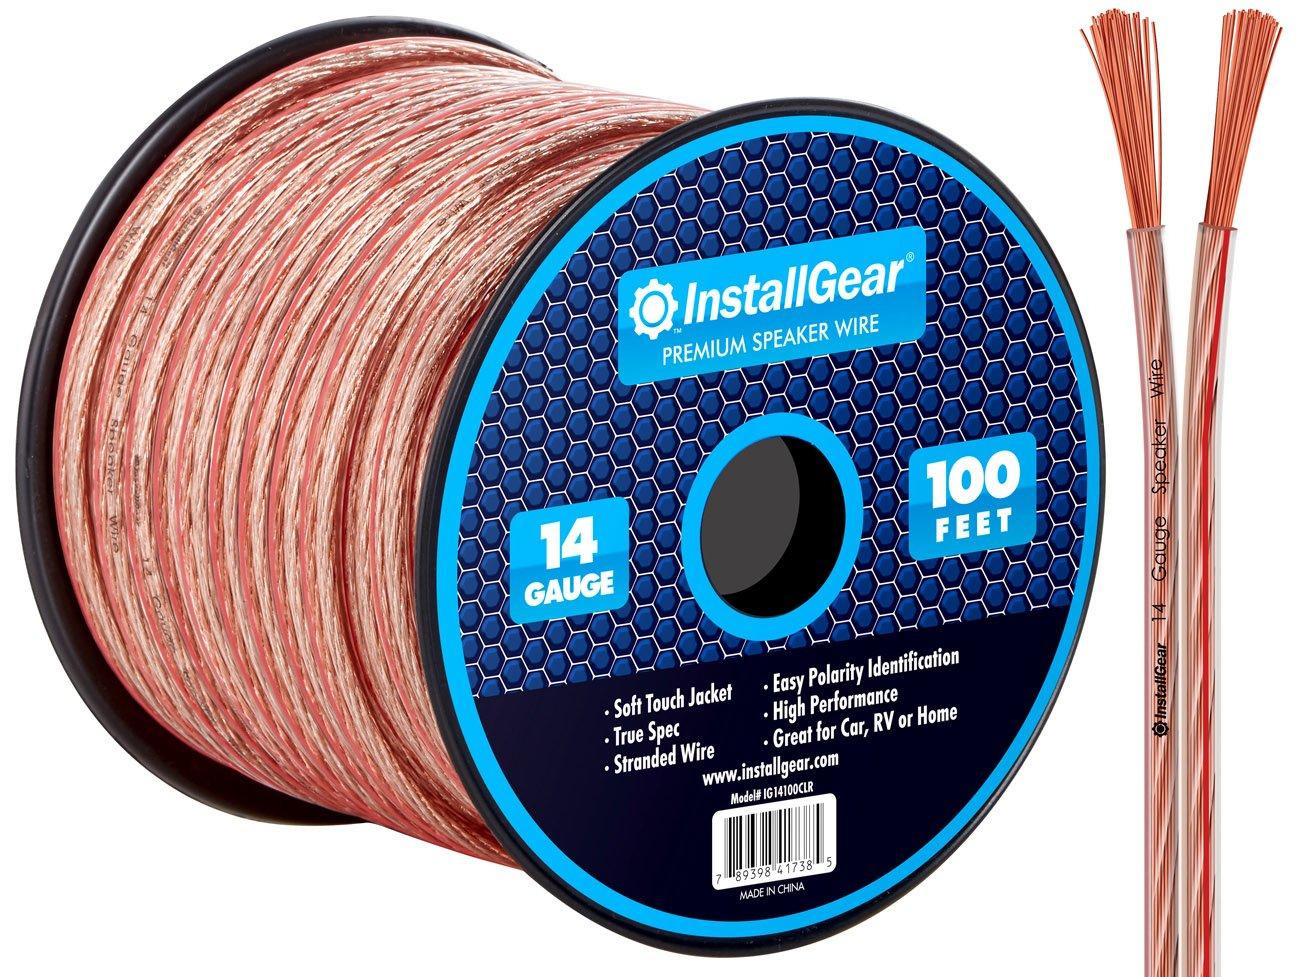 InstallGear 14 Gauge AWG 100ft Speaker Wire Cable - Red/Black IG14100RBK